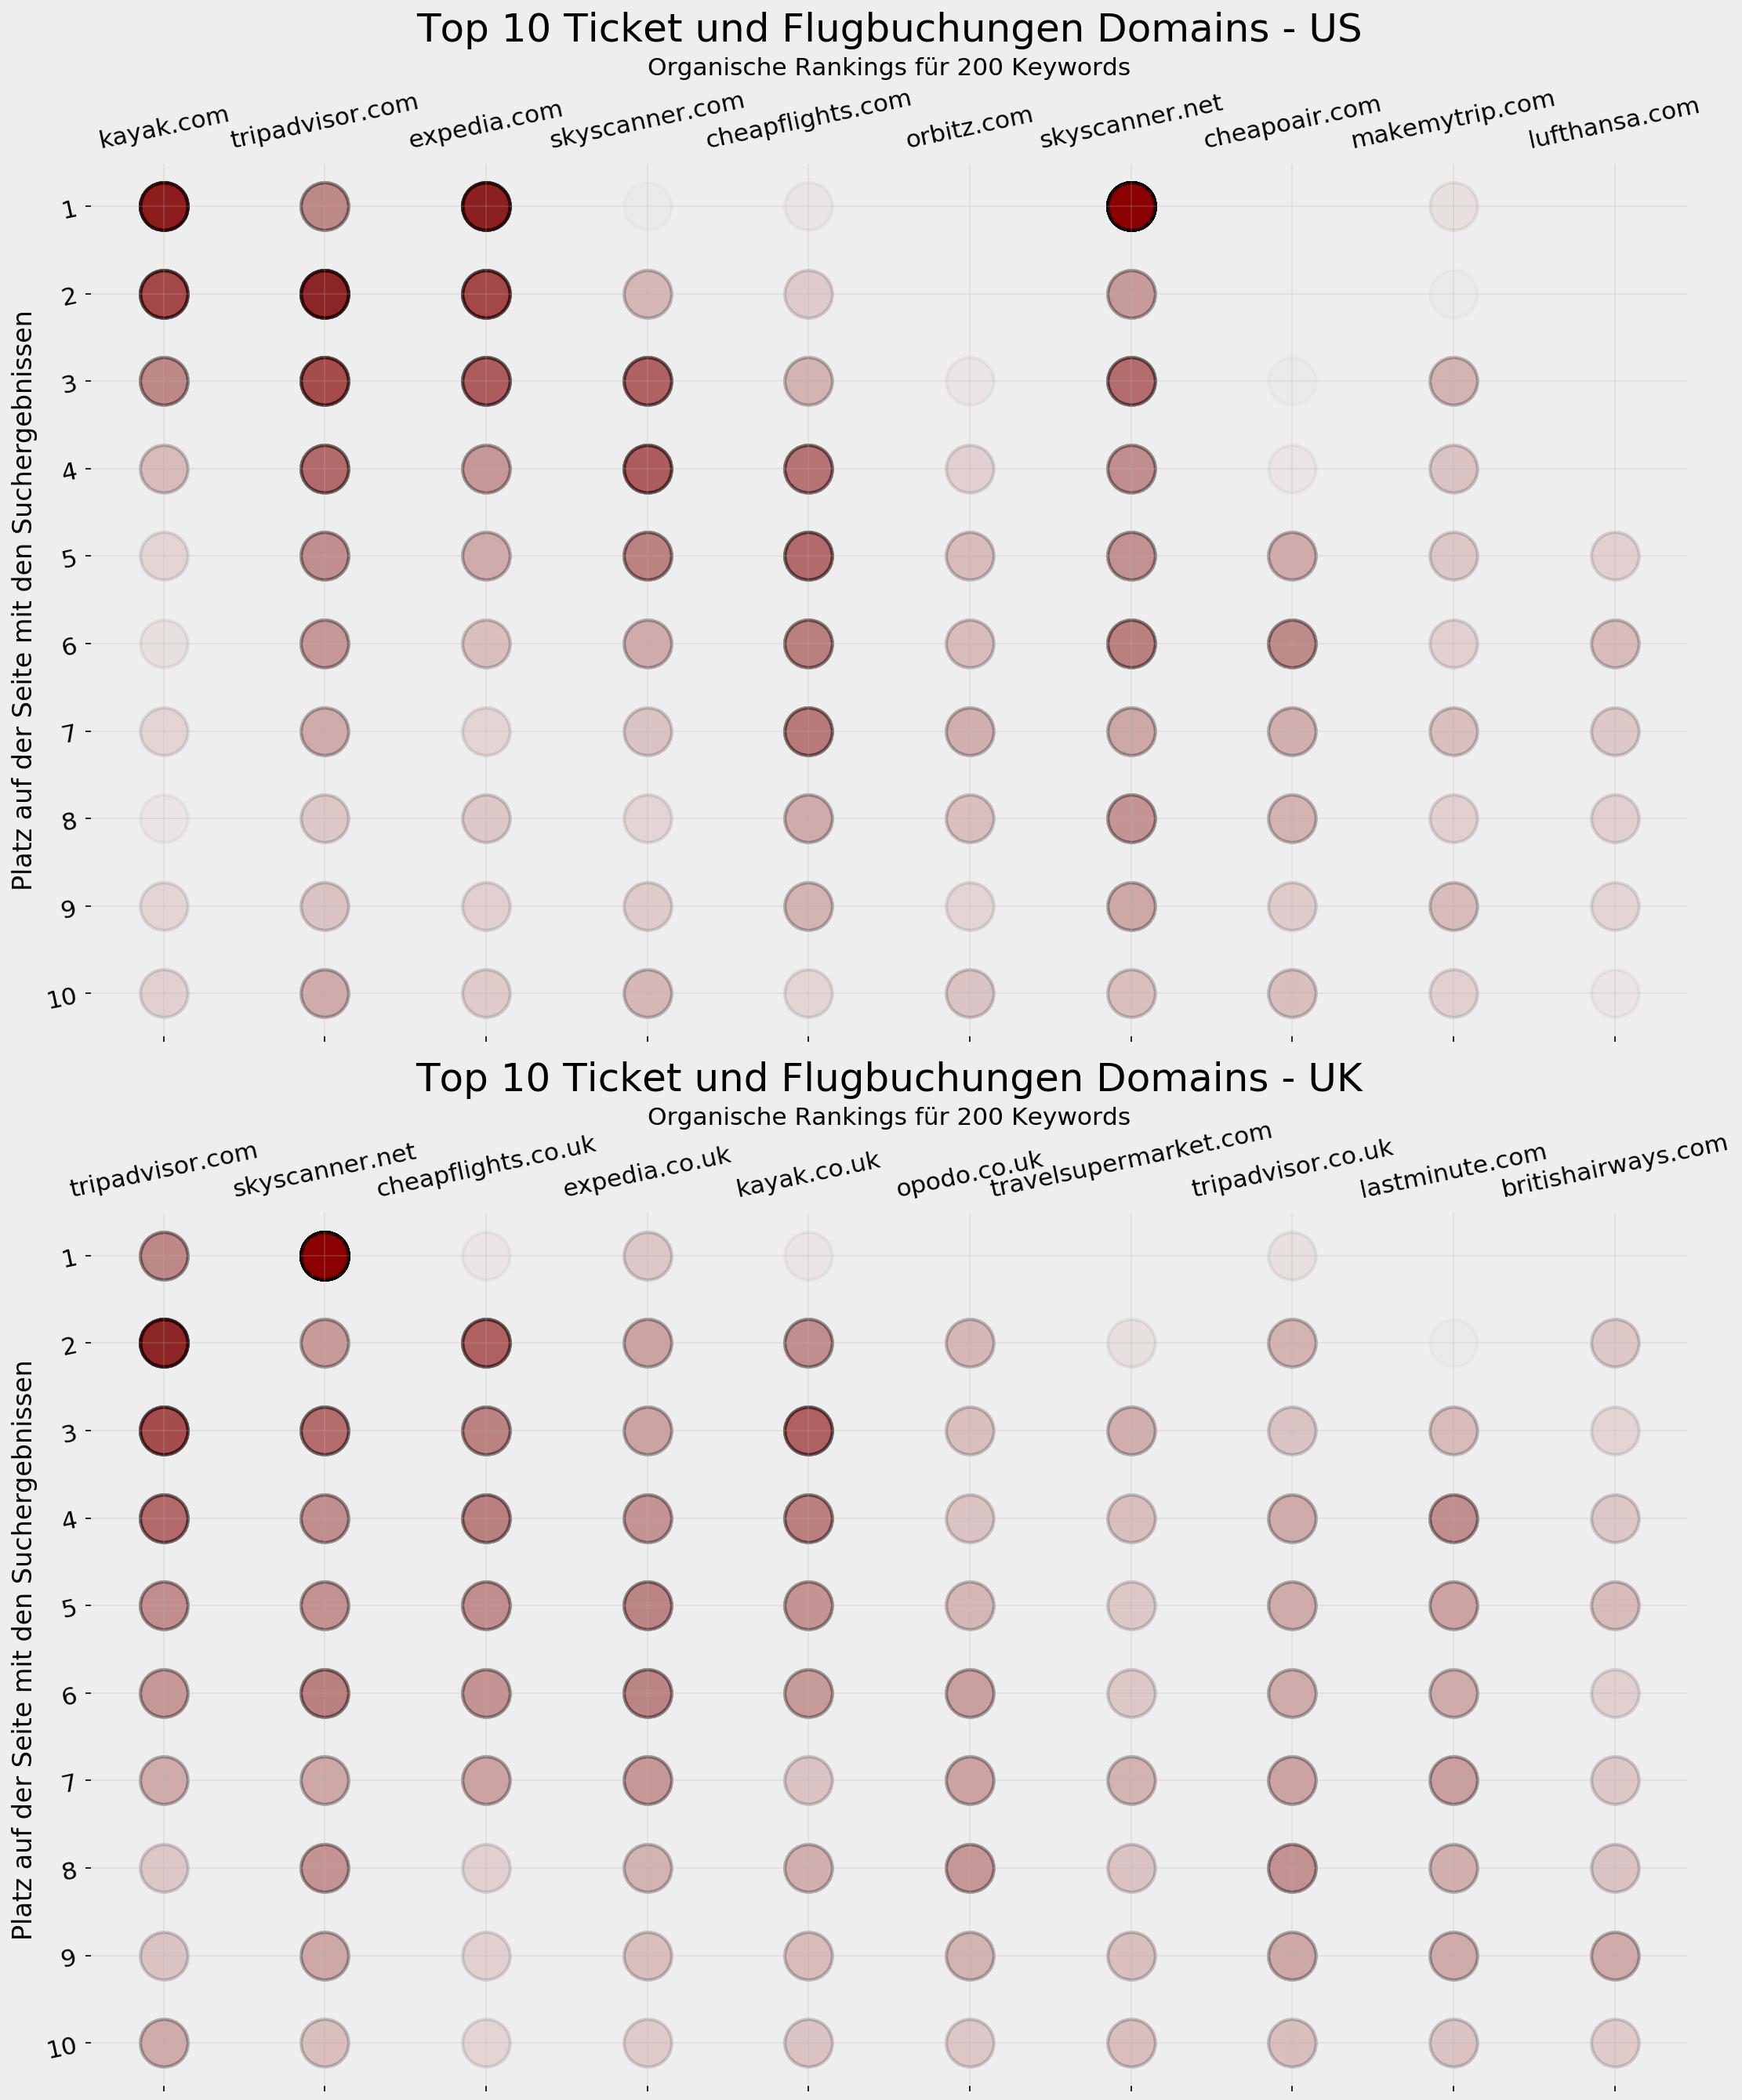 Top-10-Tickets und Flüge - SERP-Visualisierung: USA vs. UK